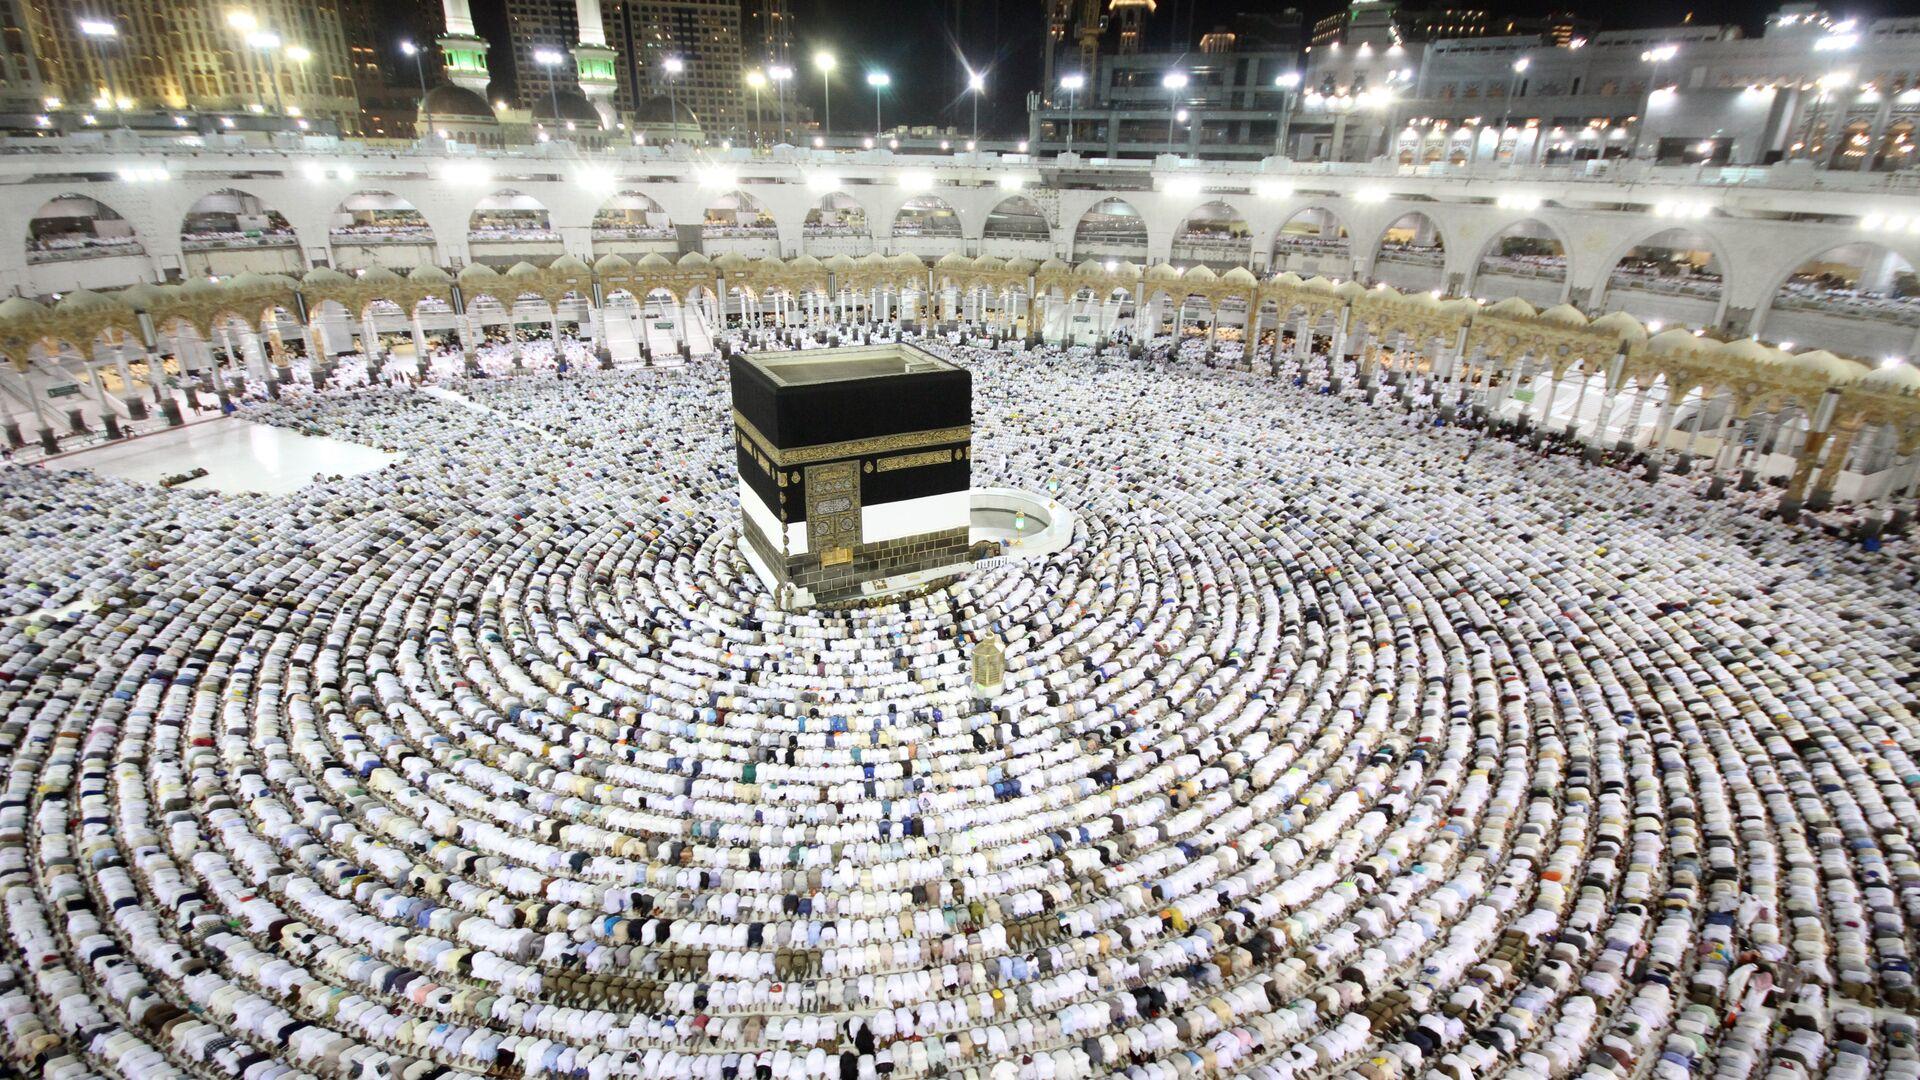 Паломники во время хаджа становятся на молитву вокруг Каабы в мечети Масджид аль-Харам в Мекке - РИА Новости, 1920, 12.06.2021